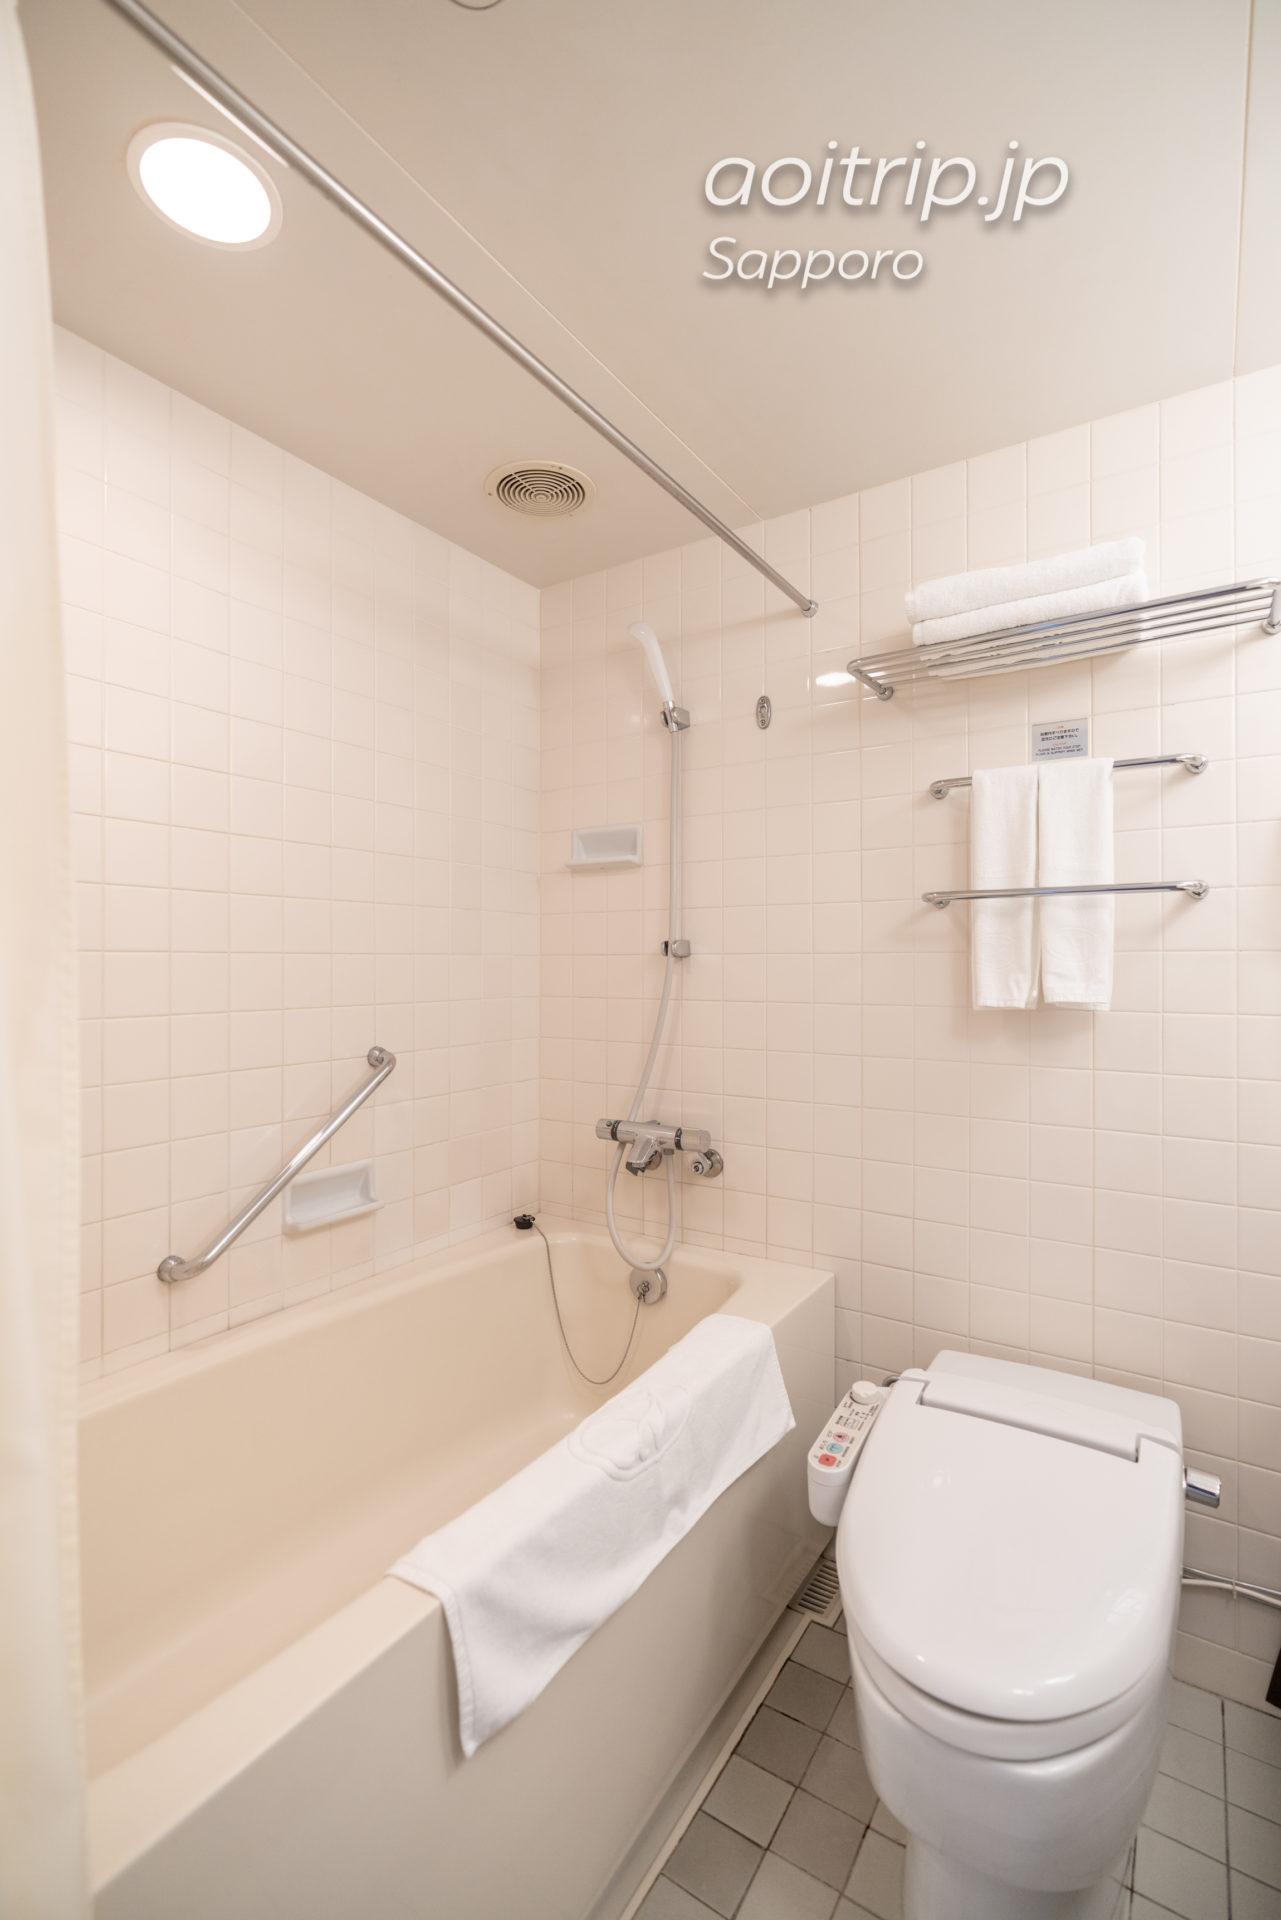 札幌ビューホテル大通公園のバスルーム